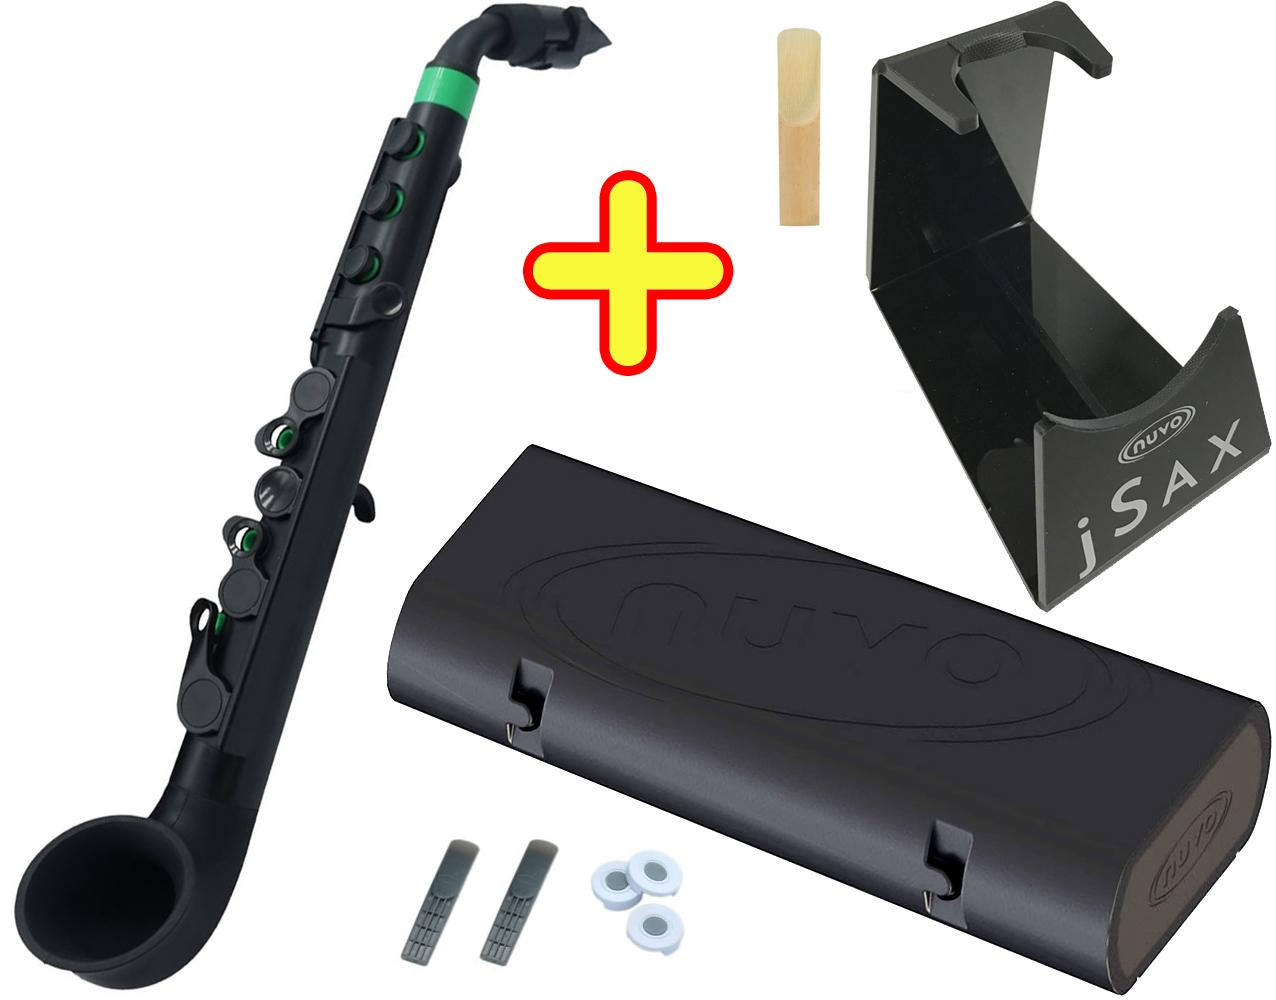 NUVO ( ヌーボ ) jSAX ブラック グリーン N510JBGN N520 プラスチック製 管楽器 サックス系 リード楽器 本体 サクソフォン 黒色 緑色 Green 【 jサックス BK/GN セット H】 送料無料